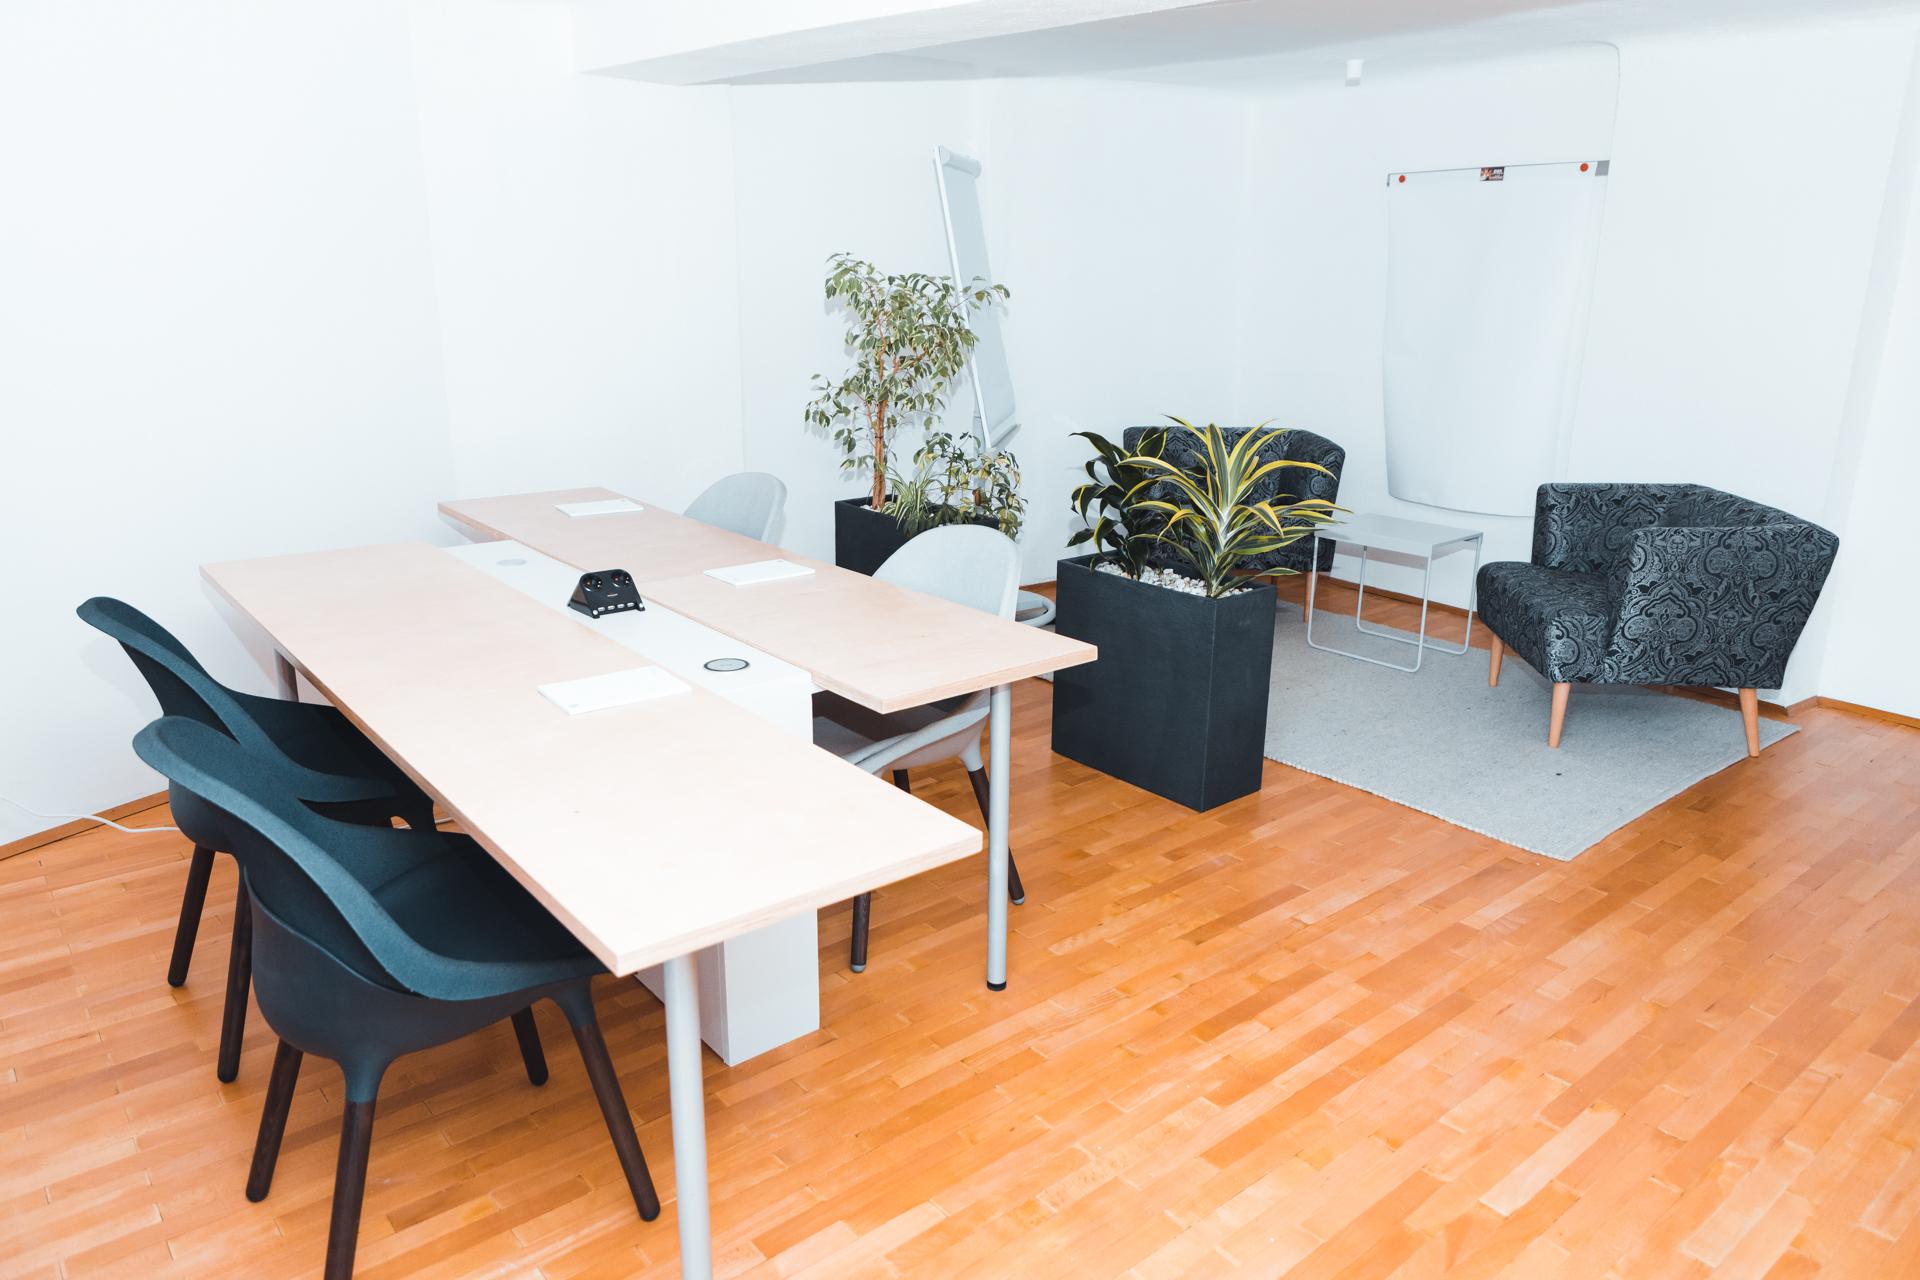 andys.cc: Impression aus dem neuen Coworking-Space in Klosterneuburg